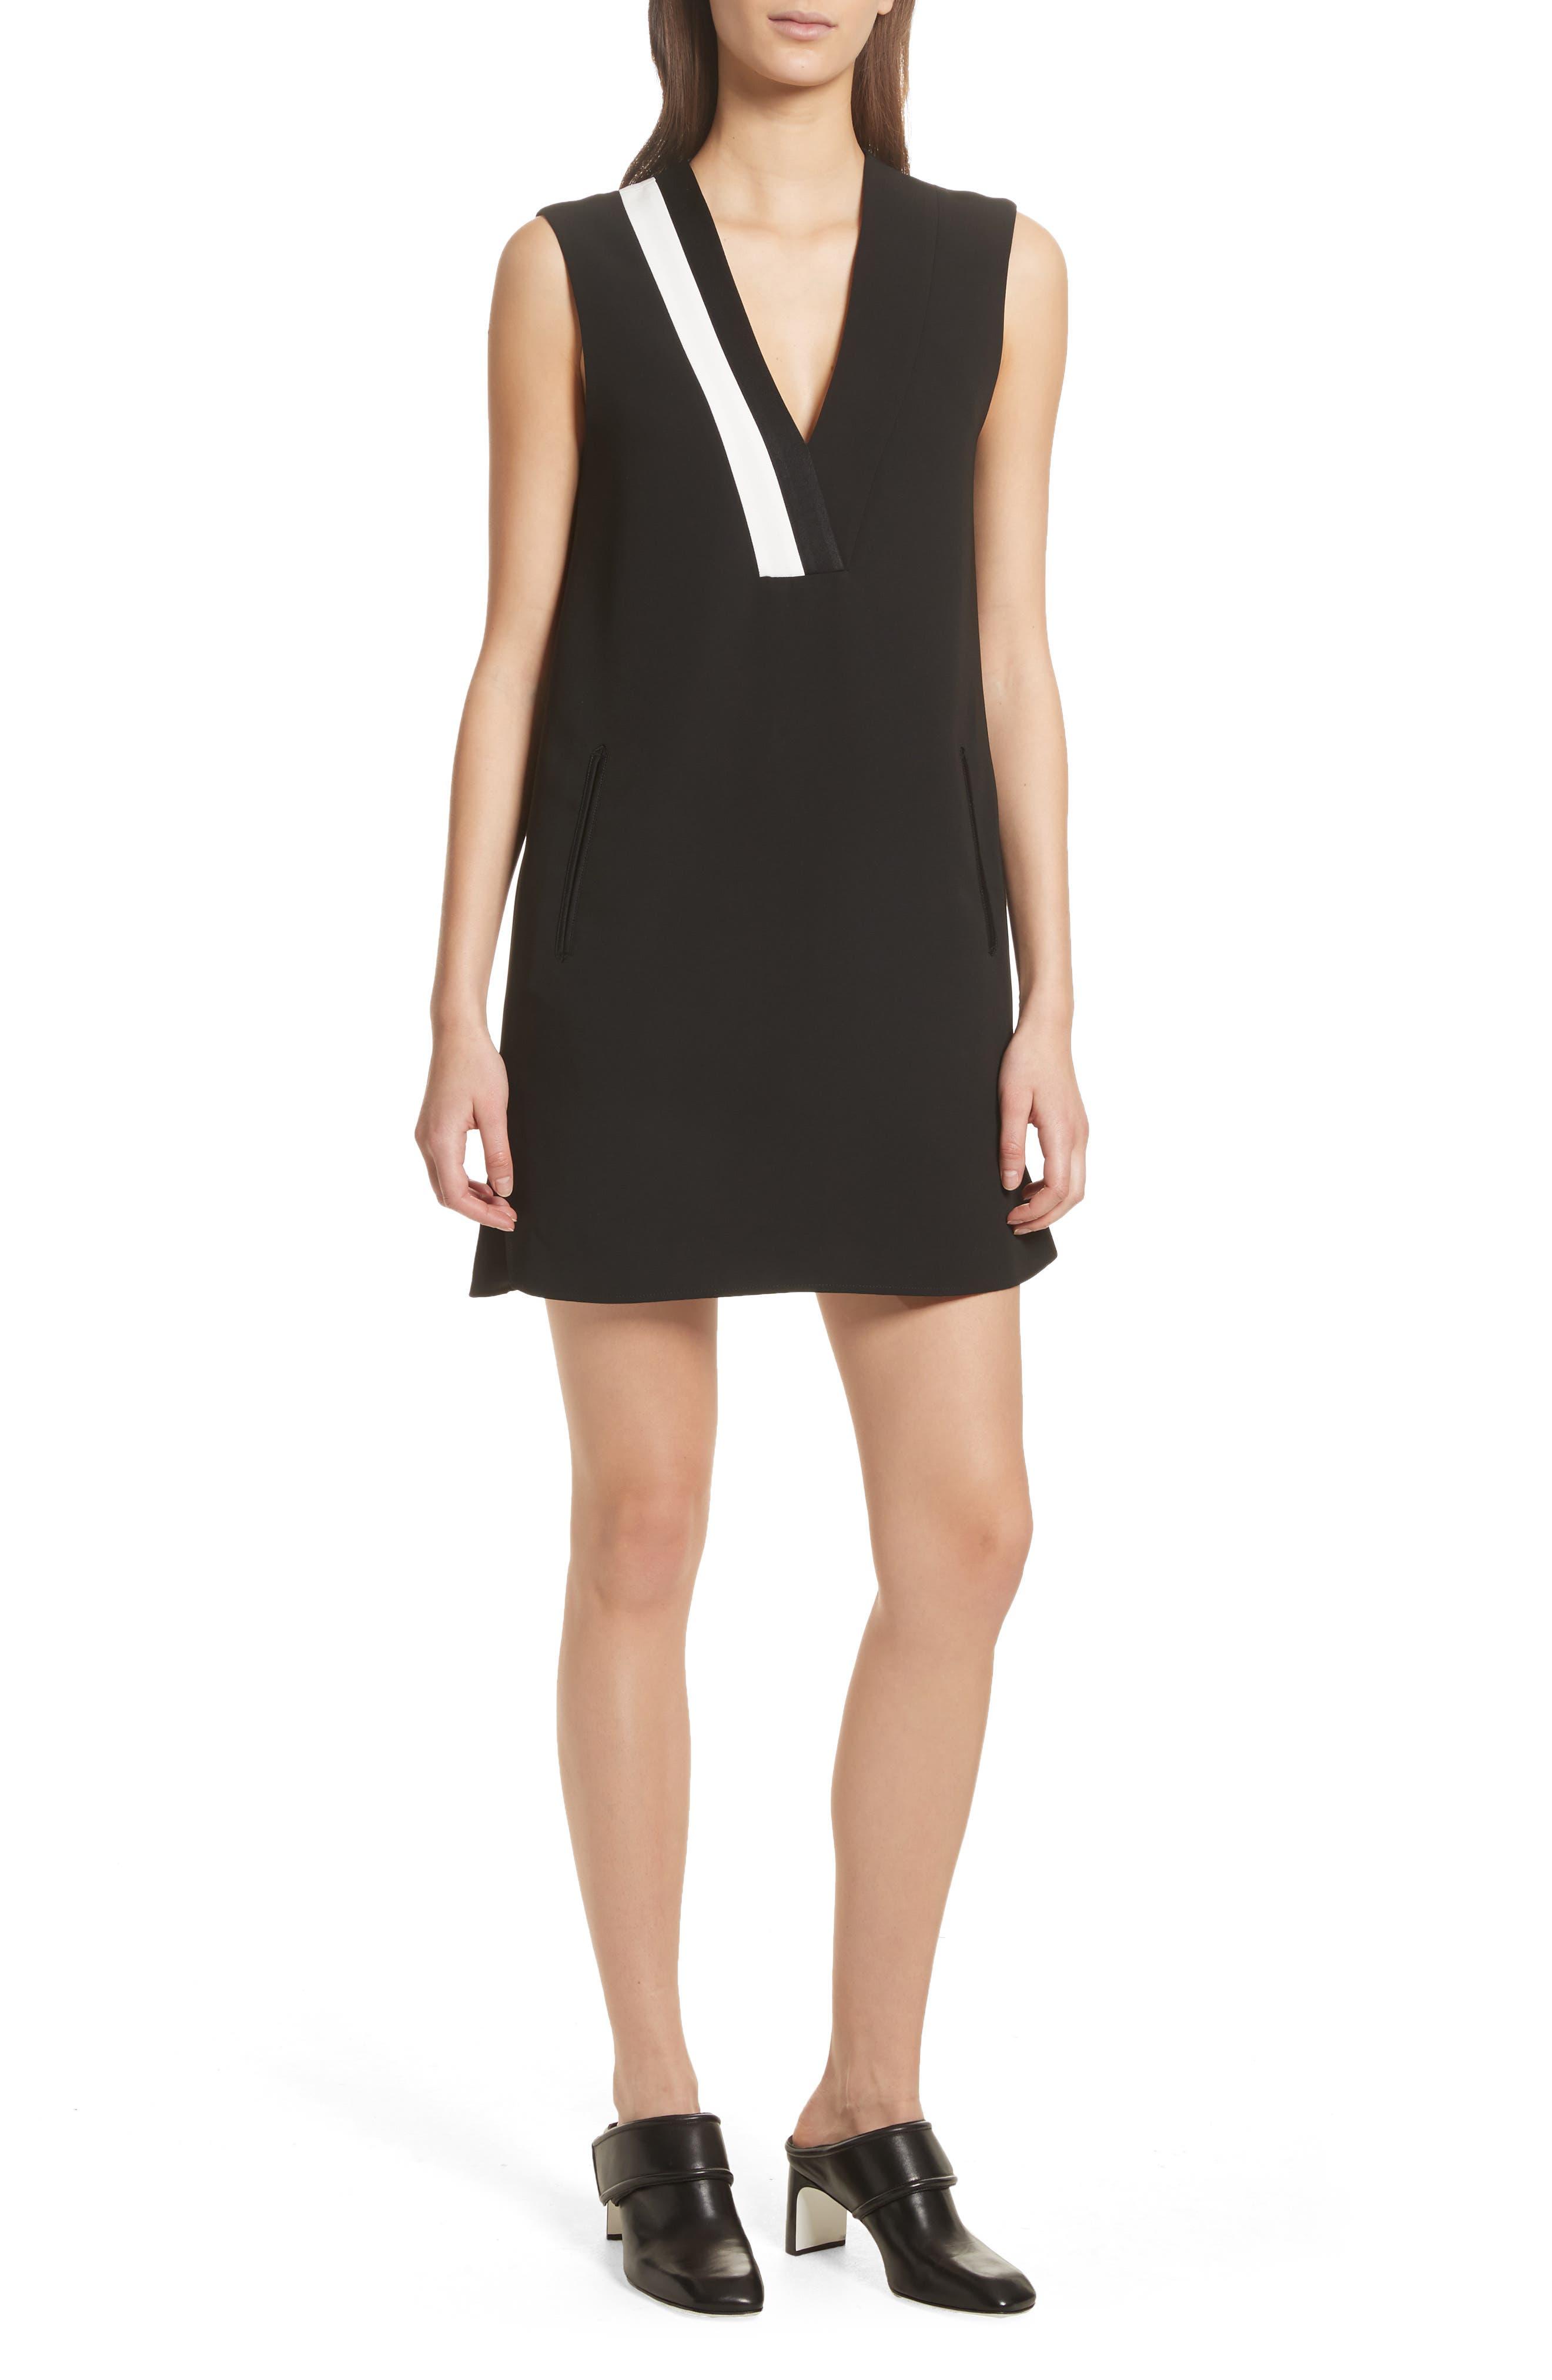 Lodwick Dress,                             Main thumbnail 1, color,                             Black